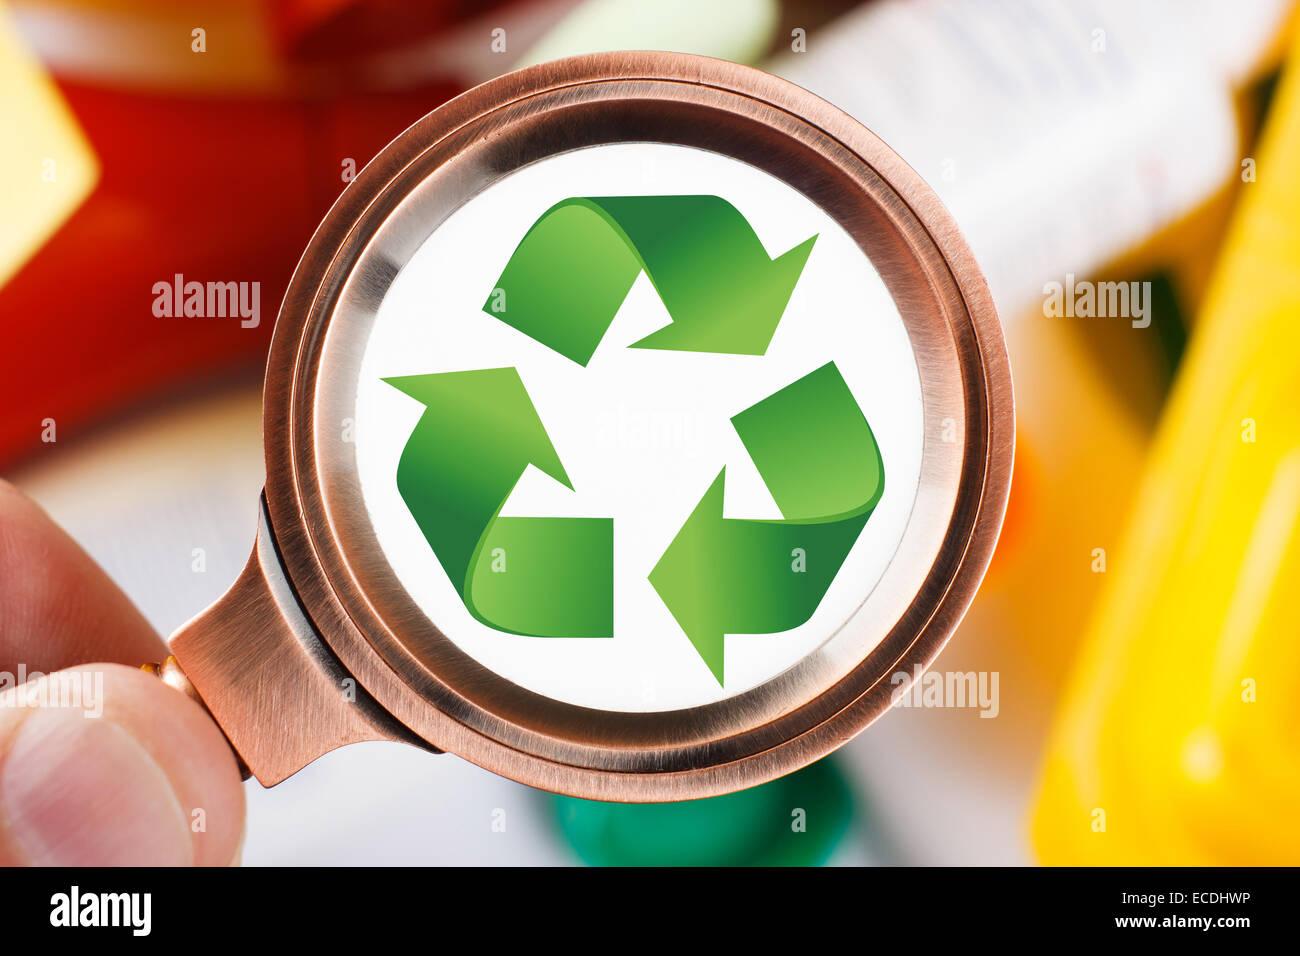 Gli uomini alla ricerca di un simbolo di riciclaggio su immondizia di plastica Immagini Stock